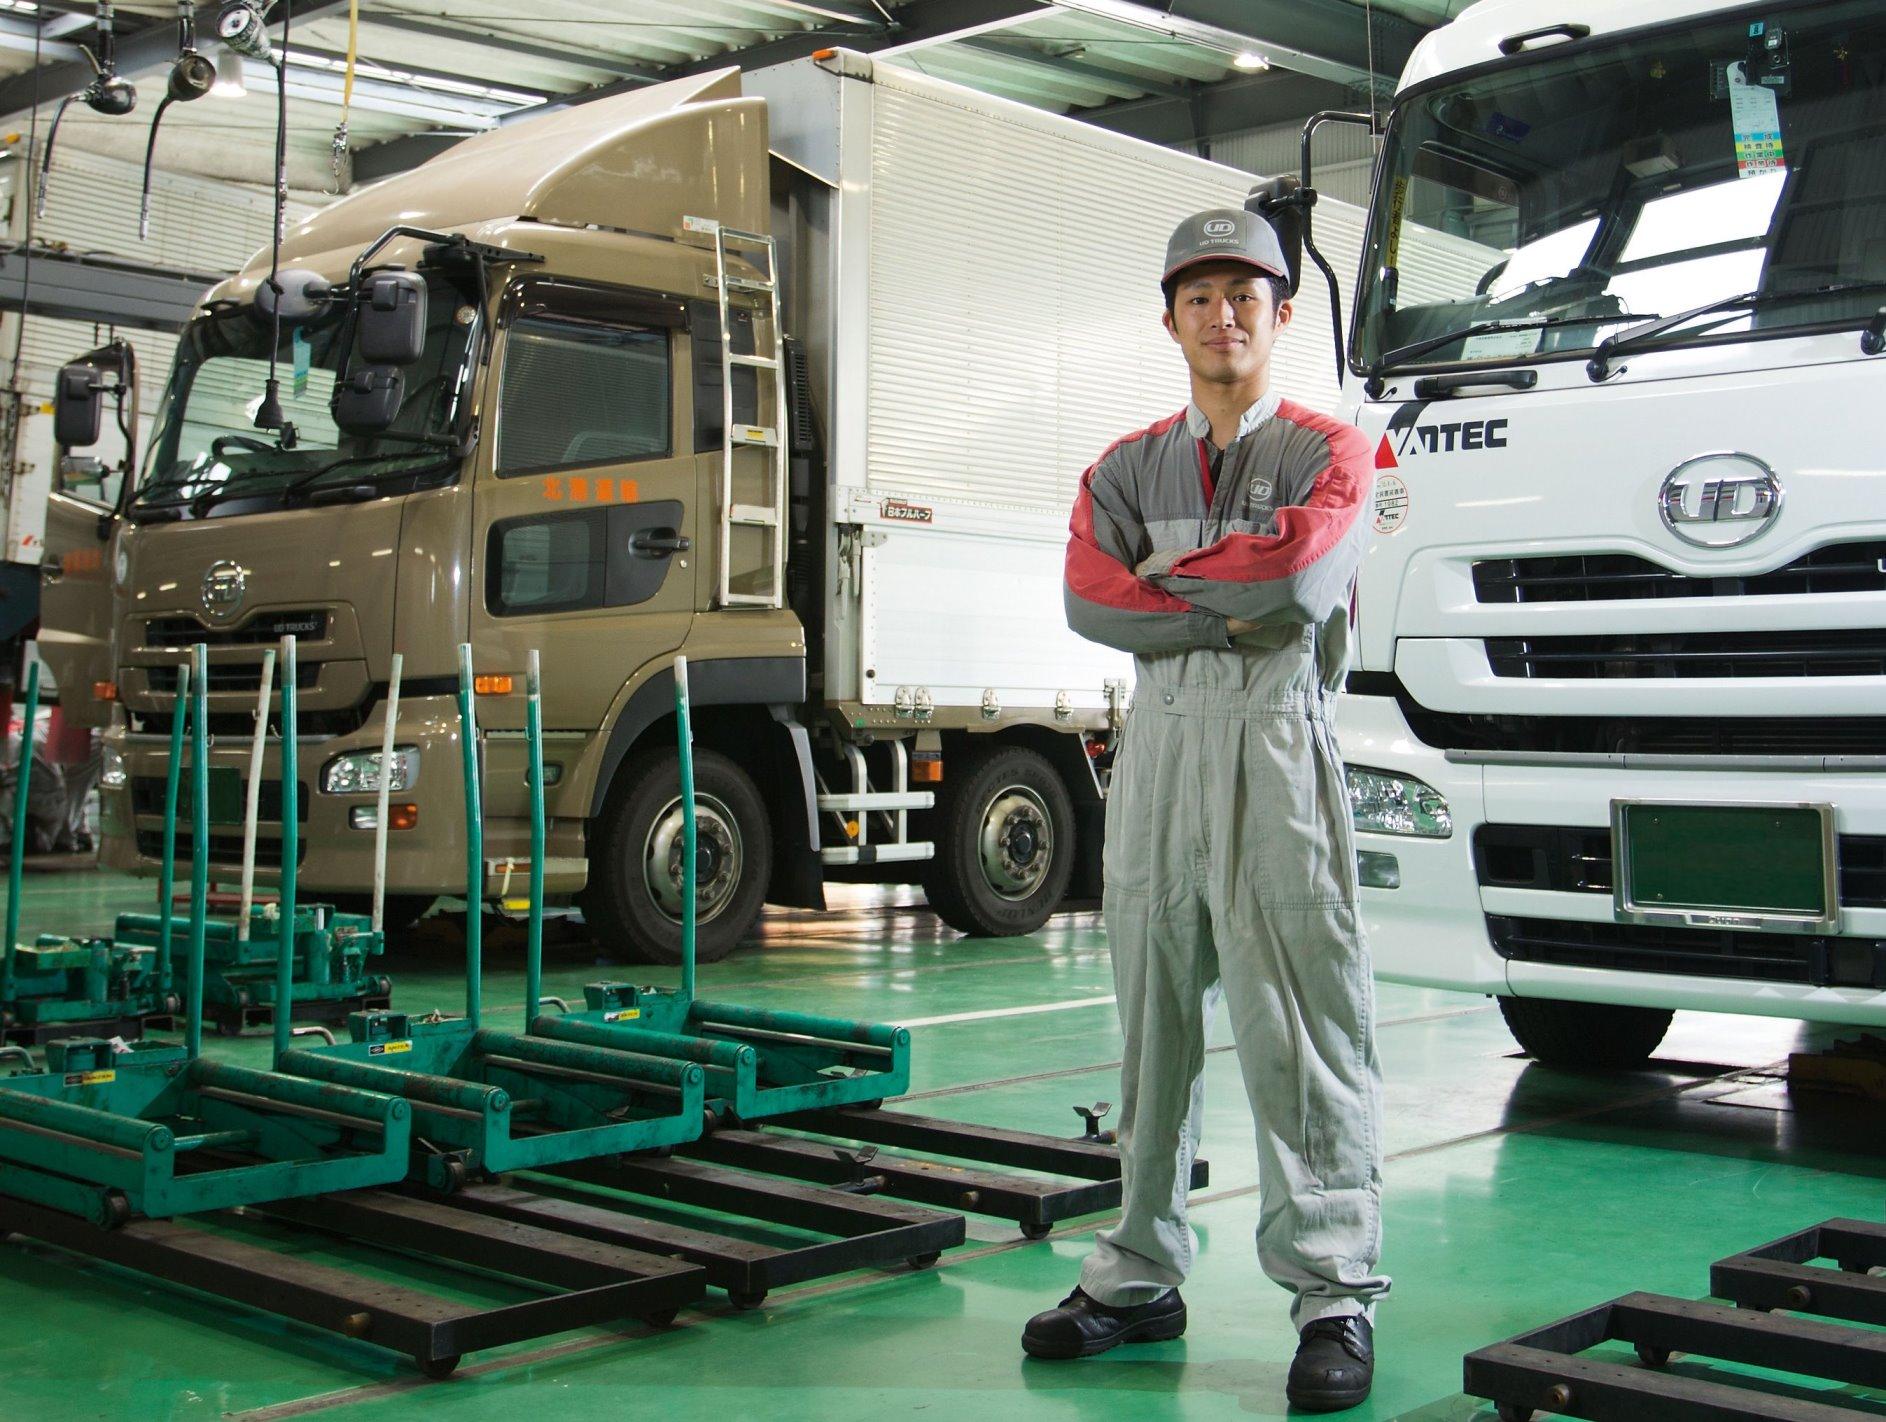 【正社員 埼玉県(入間郡三芳町)】高年収!残業少!大手トラックメーカーの整備士募集!